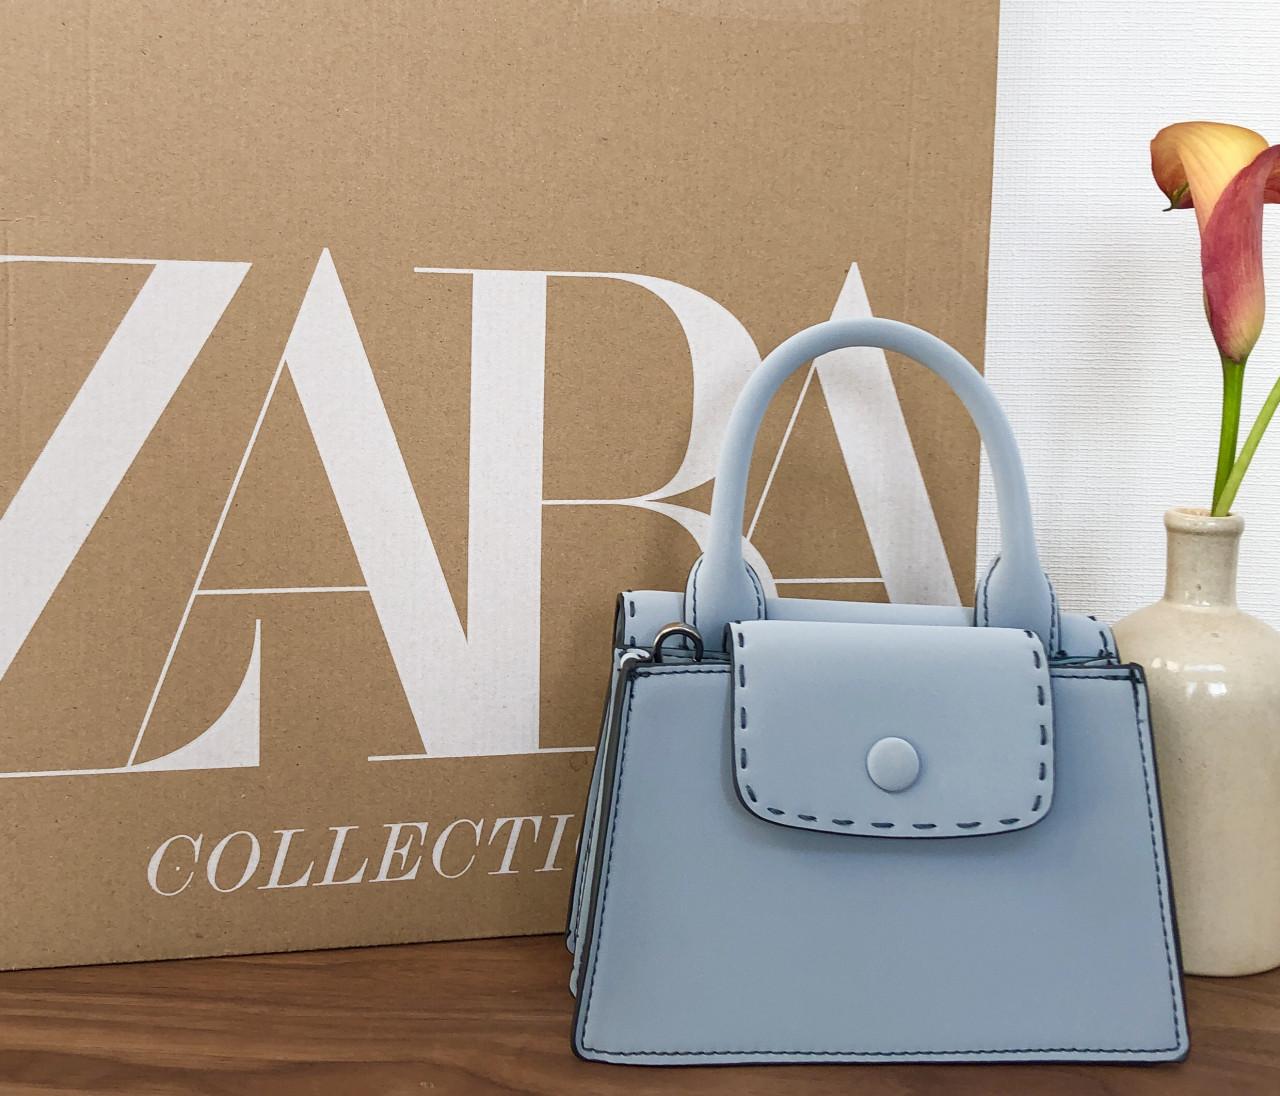 【ZARA(ザラ)】の購入品! ¥3990の春めきブルーバッグはアラサーのきれいめスタイルにぴったり!【身長150cmエディターchiakiの30代おしゃれTIPS】